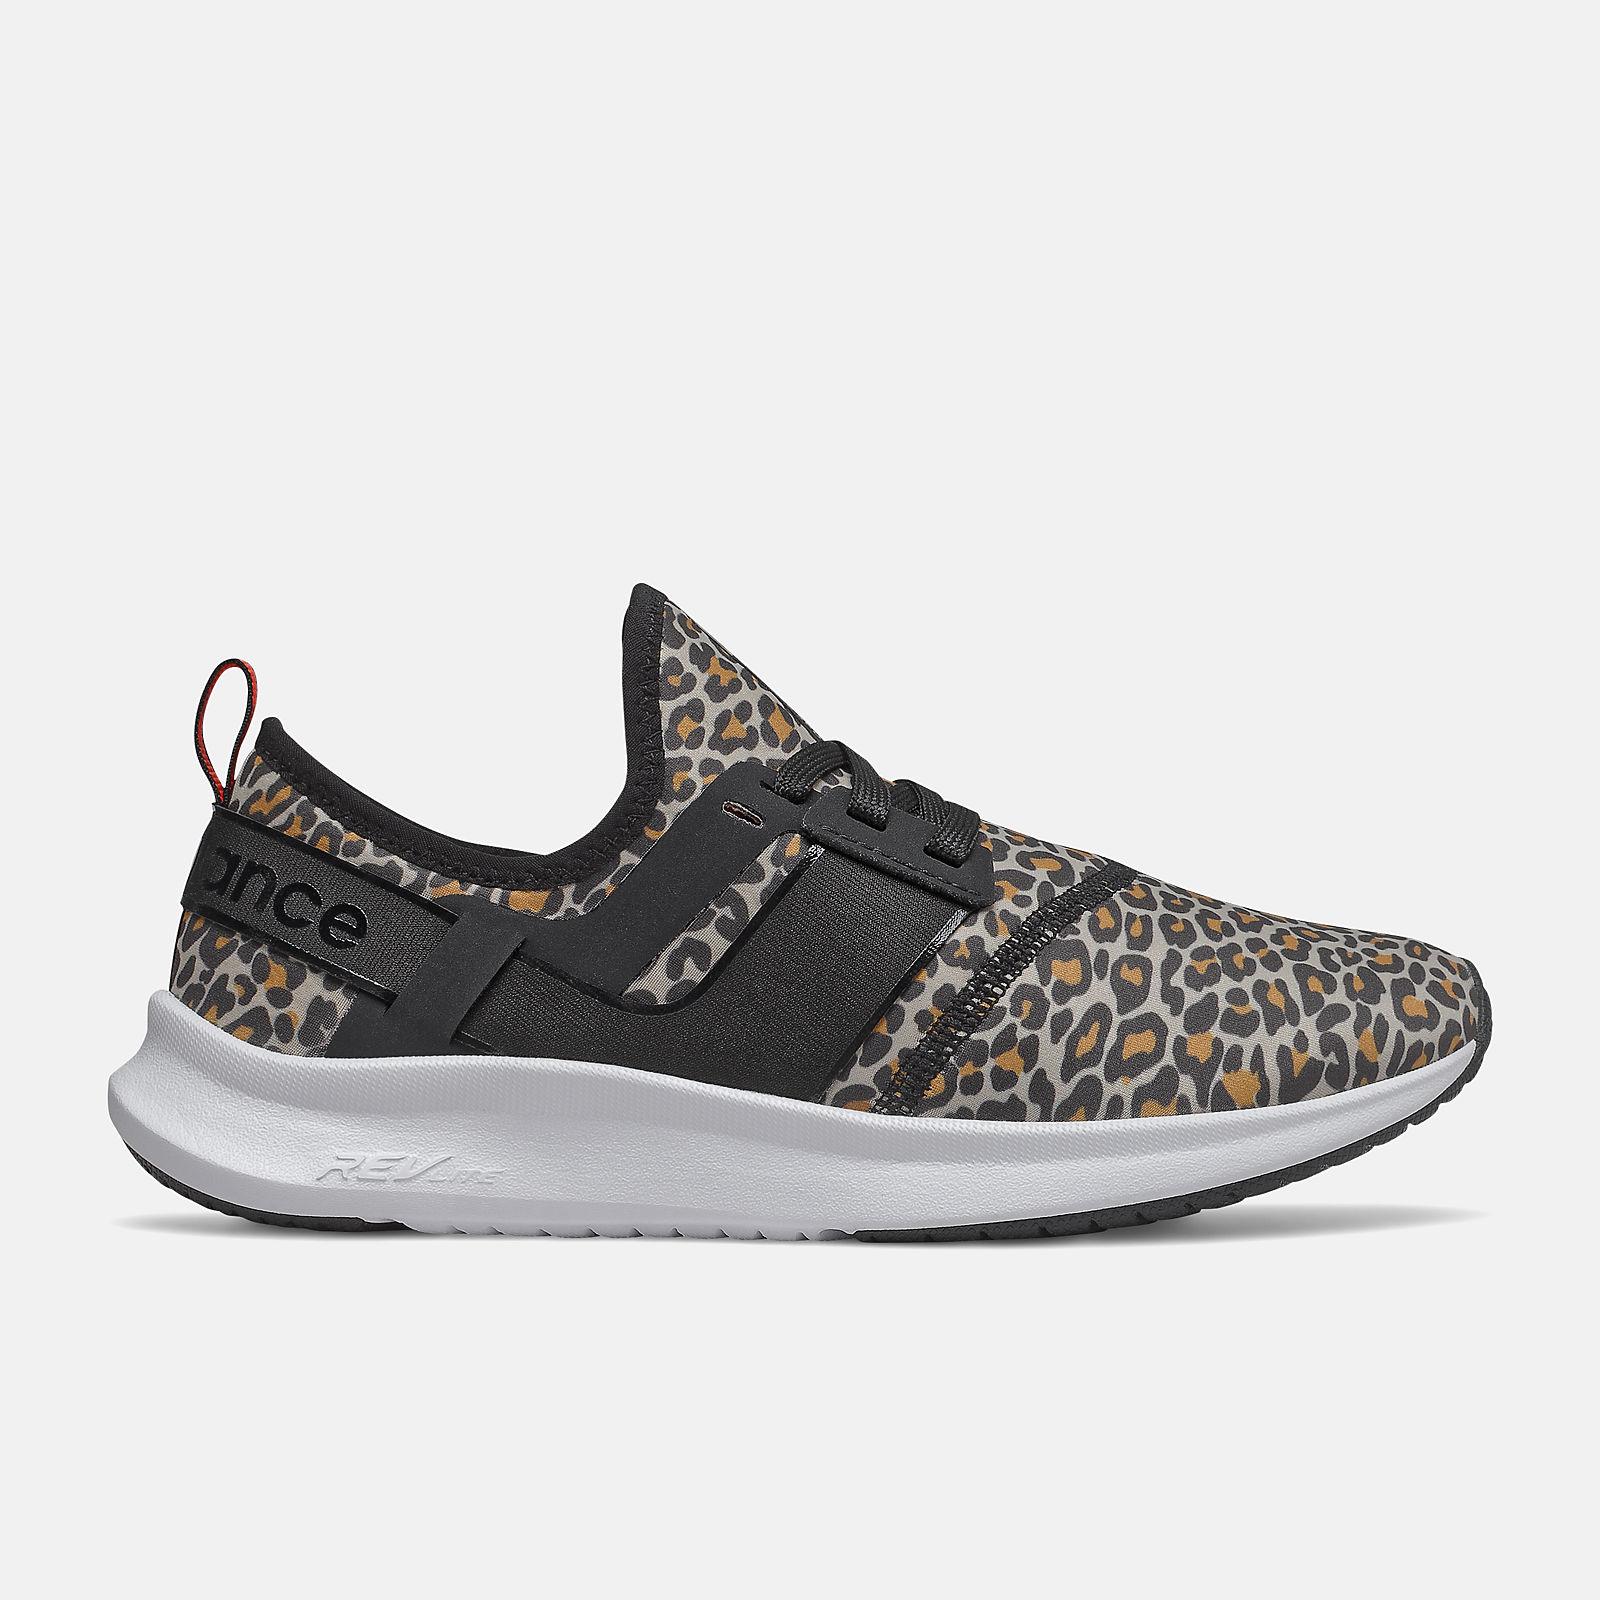 new balance 574 femme leopard